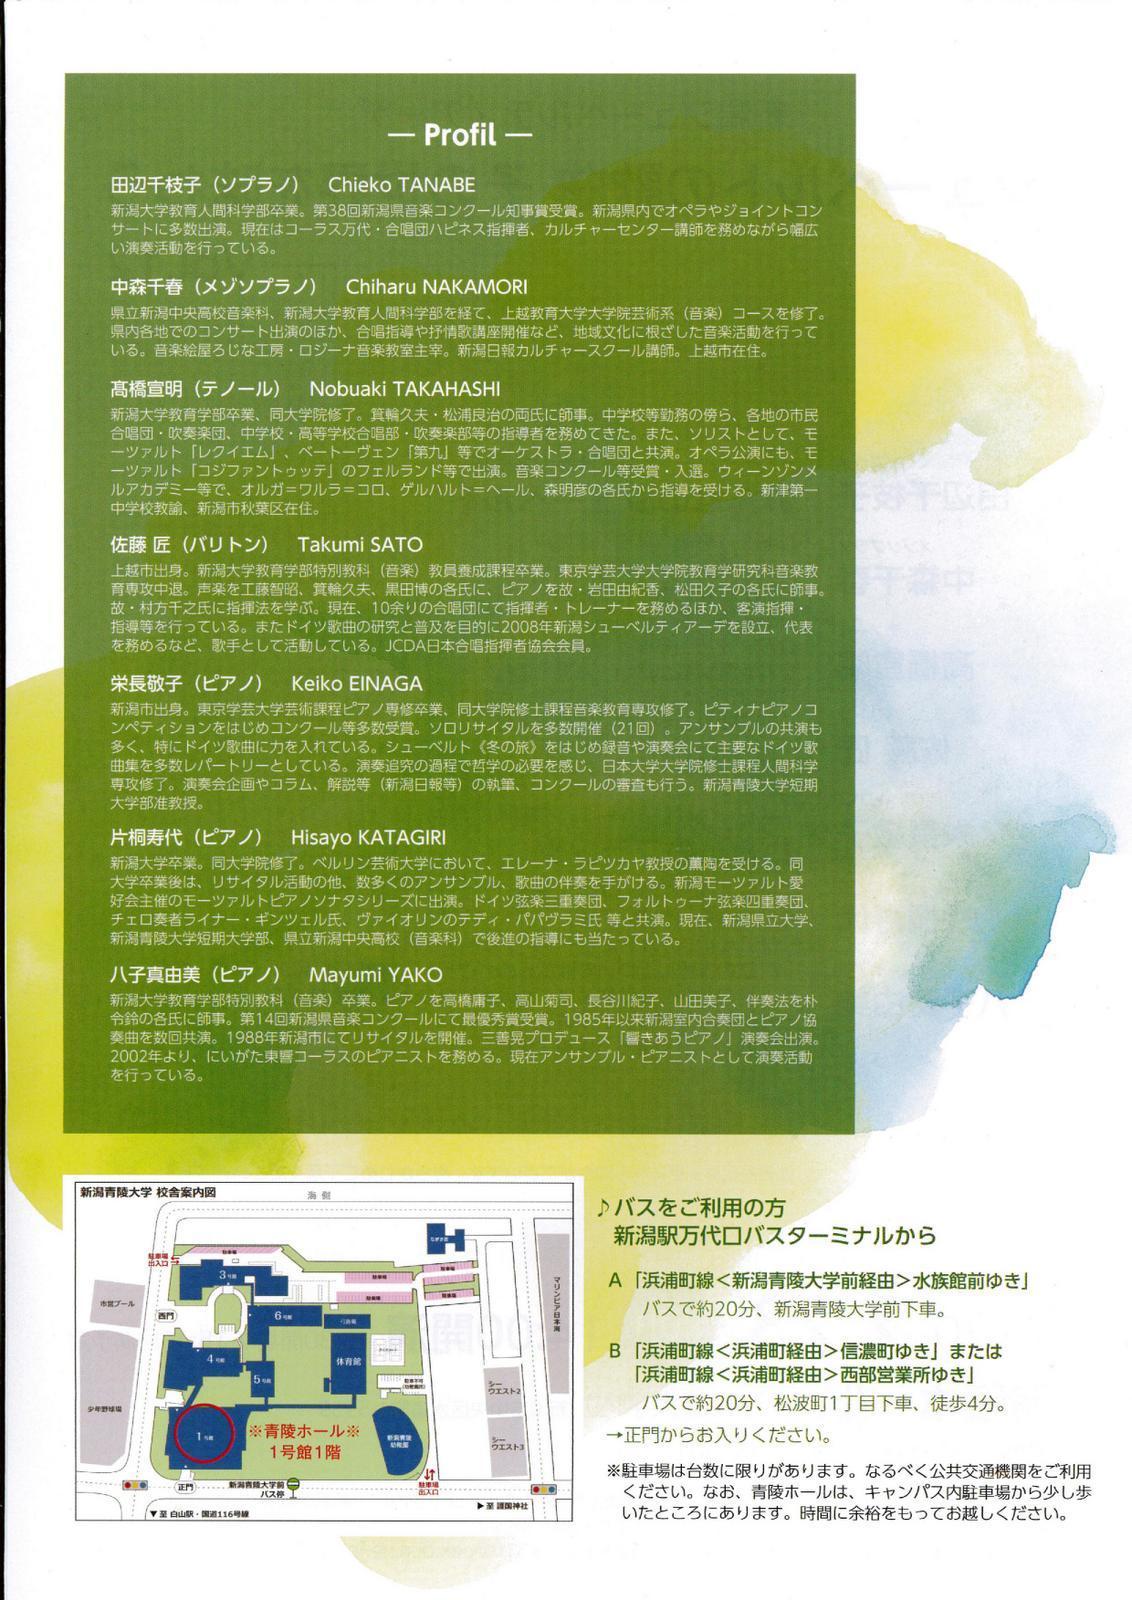 深町めいしゅうさん作品展、明日がラストです!_e0046190_18222326.jpg